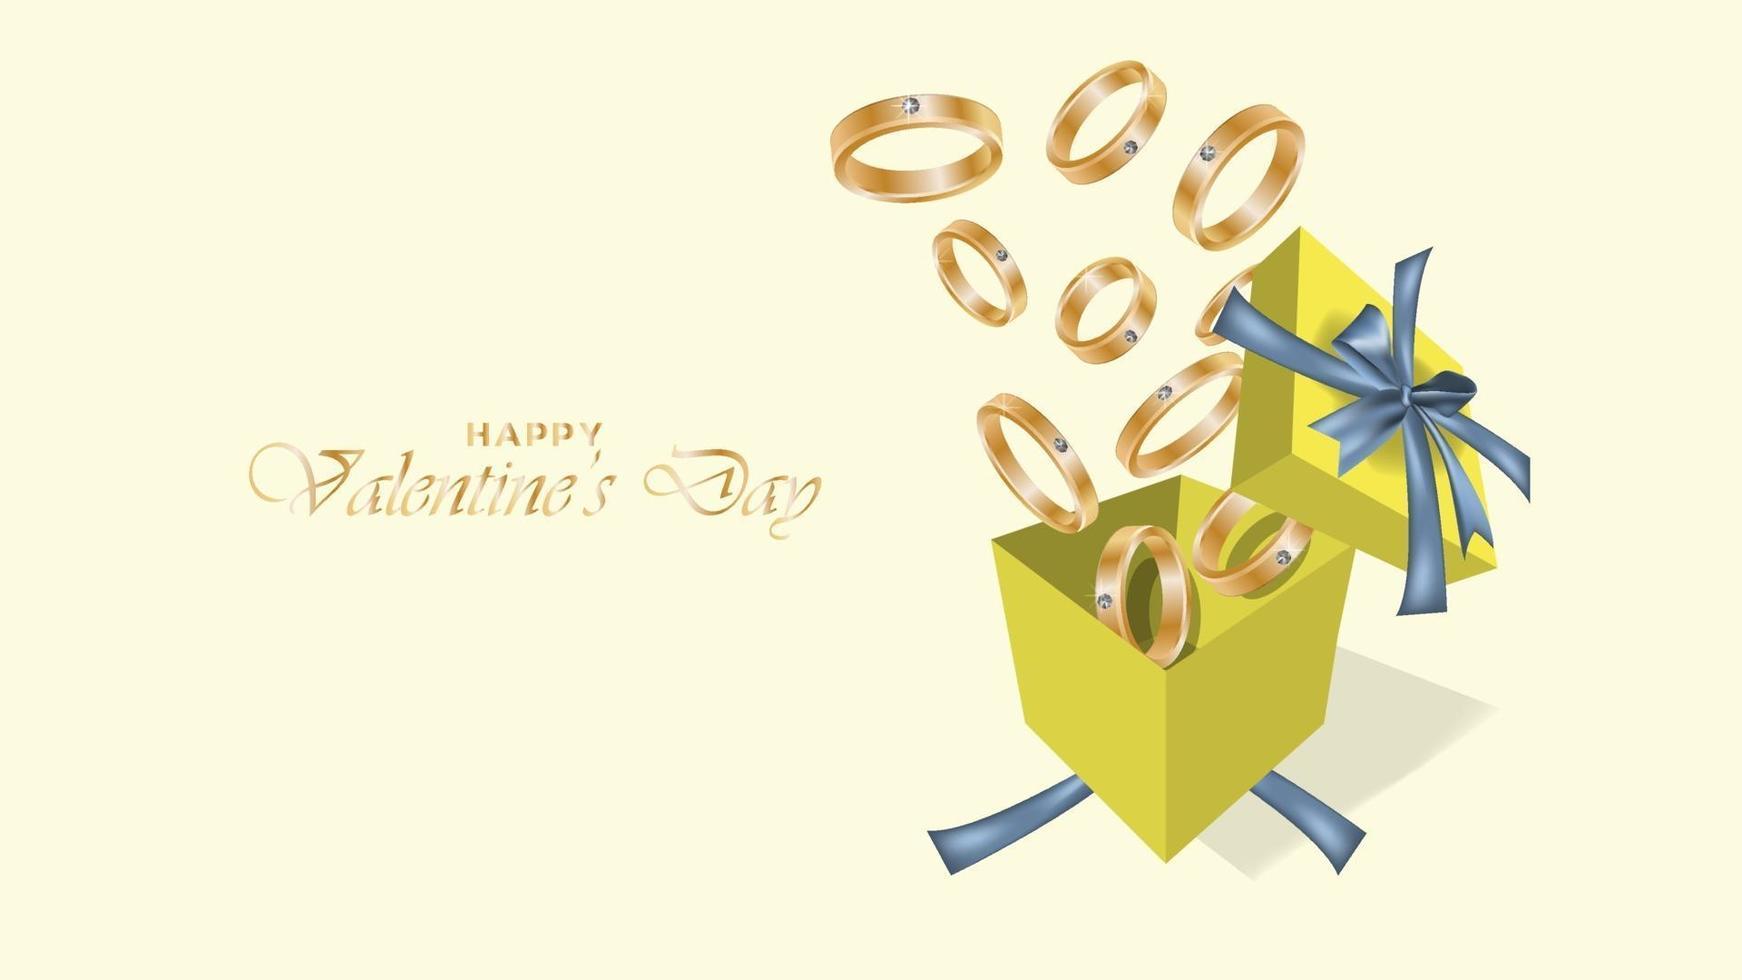 joyeux fond de Saint Valentin avec des objets de conception de bague et de coffret cadeau réalistes vecteur